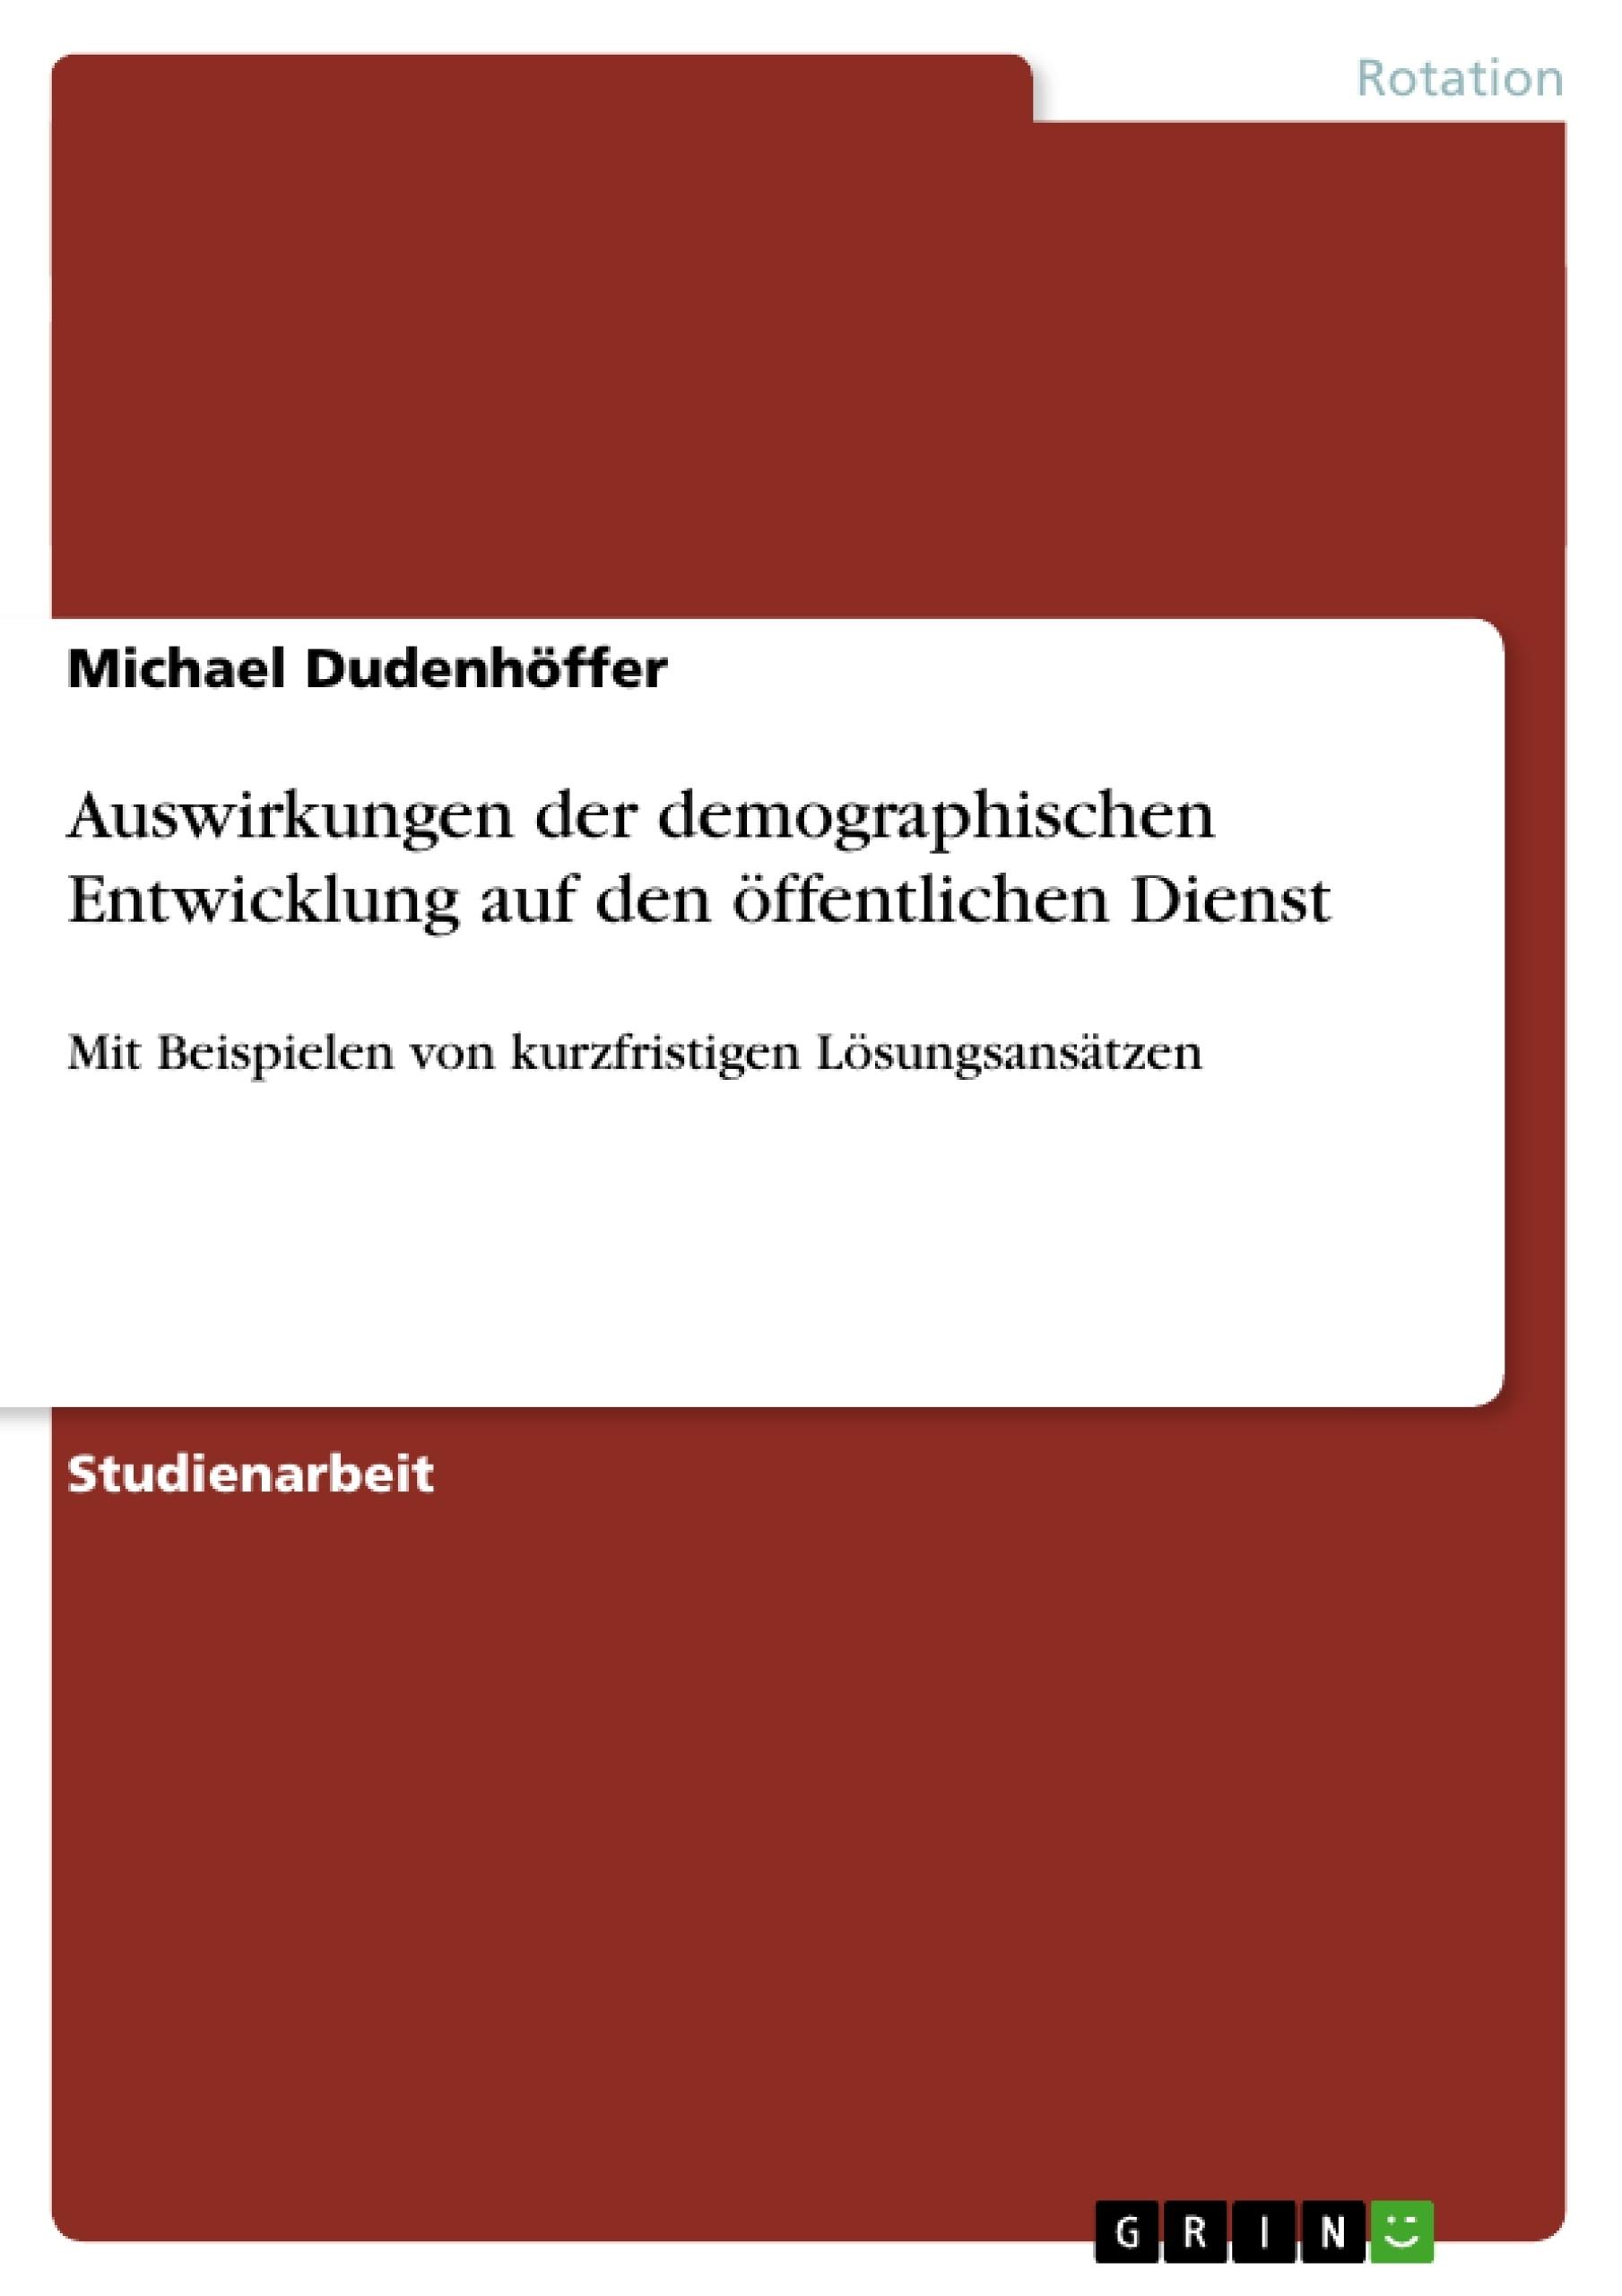 Titel: Auswirkungen der demographischen Entwicklung auf den öffentlichen Dienst